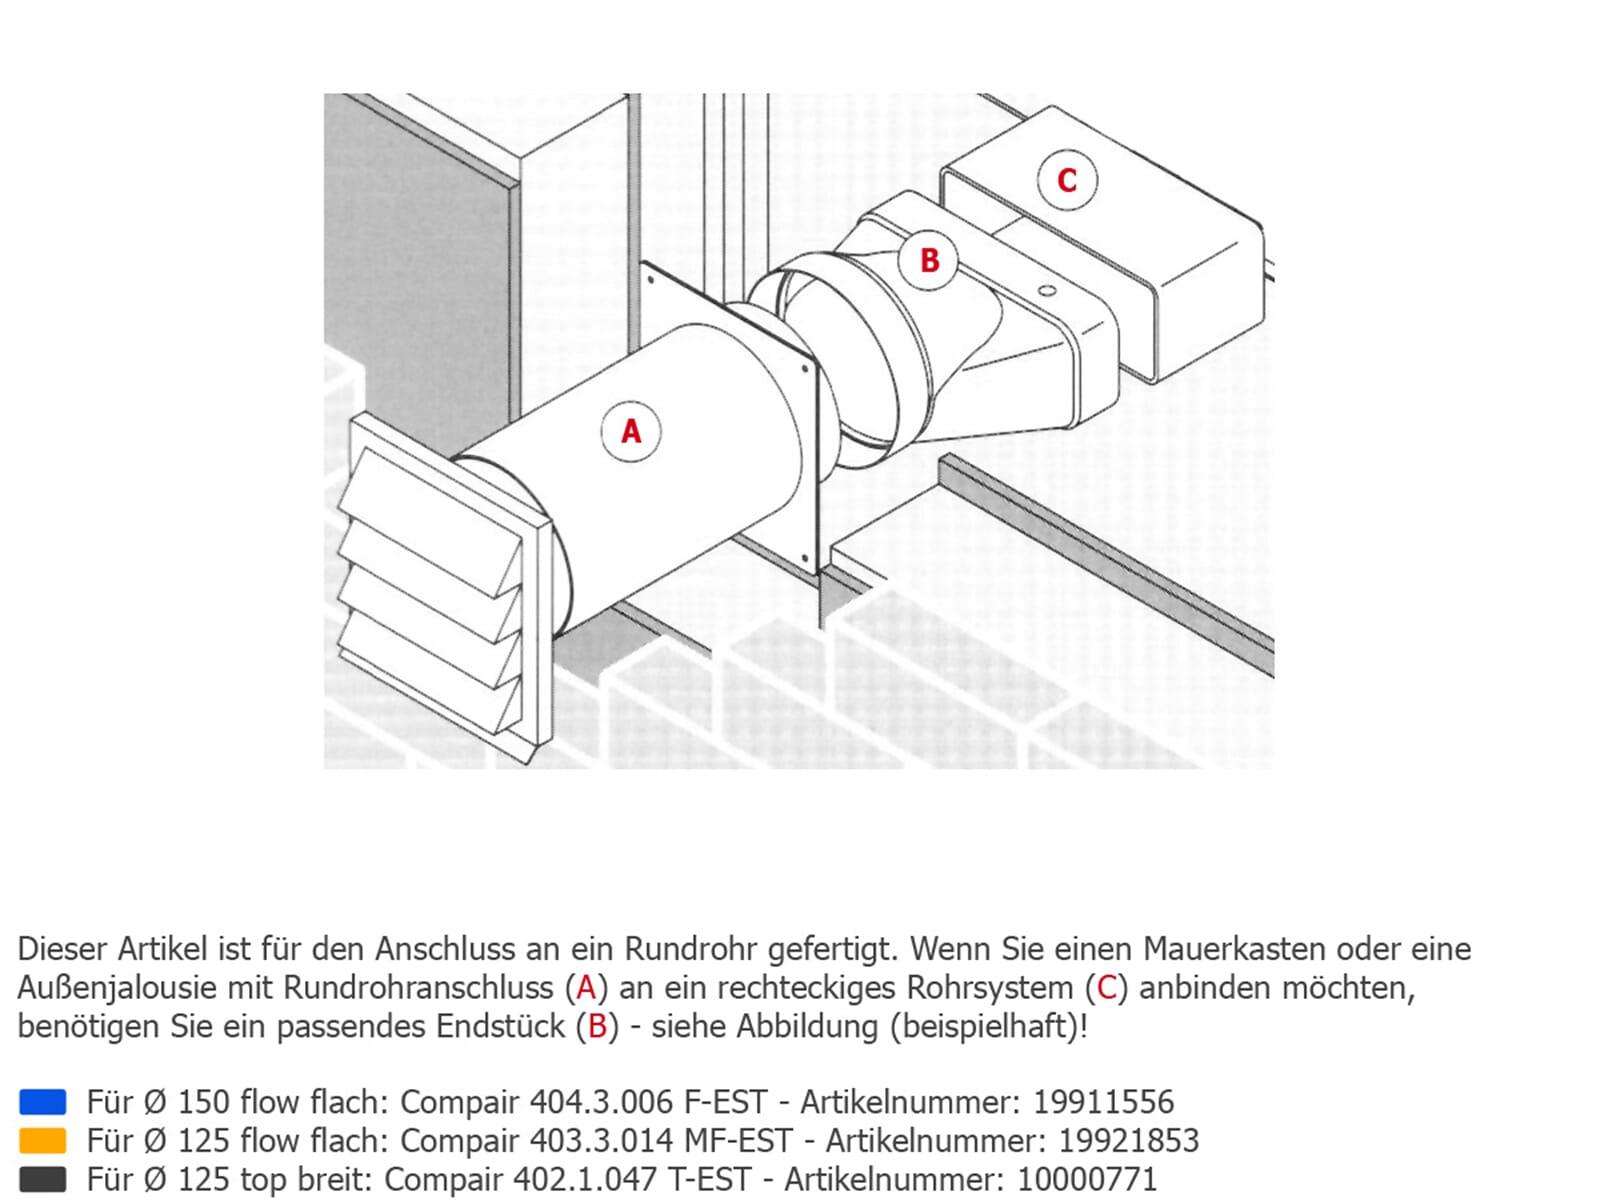 Compair 402.4.020 Dachhaube DN 125